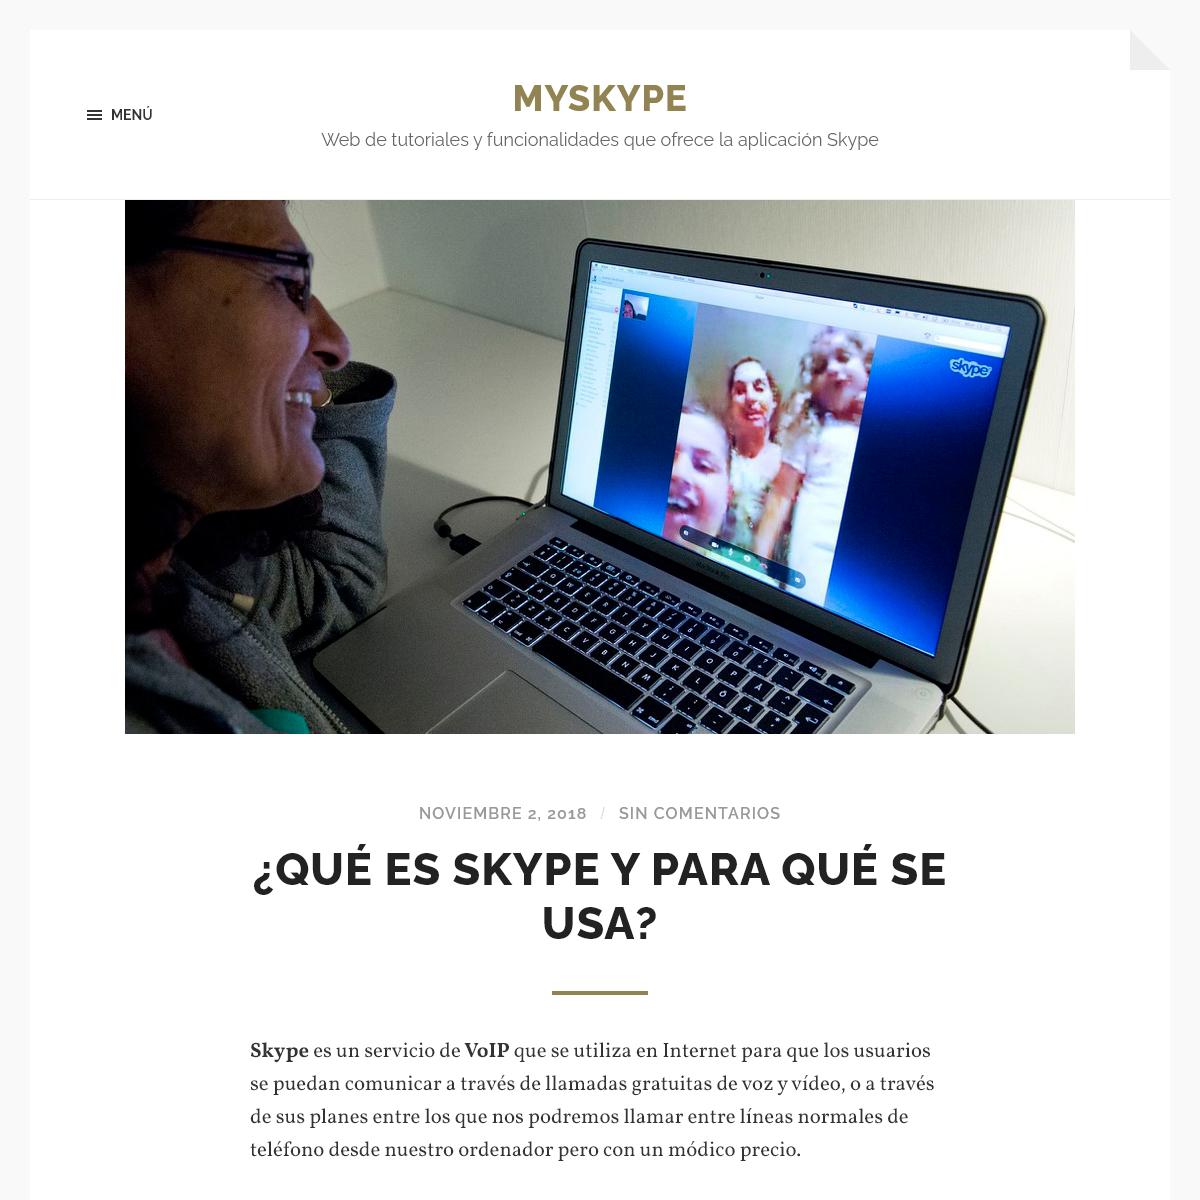 Myskype - Web de tutoriales y funcionalidades que ofrece la aplicación Skype